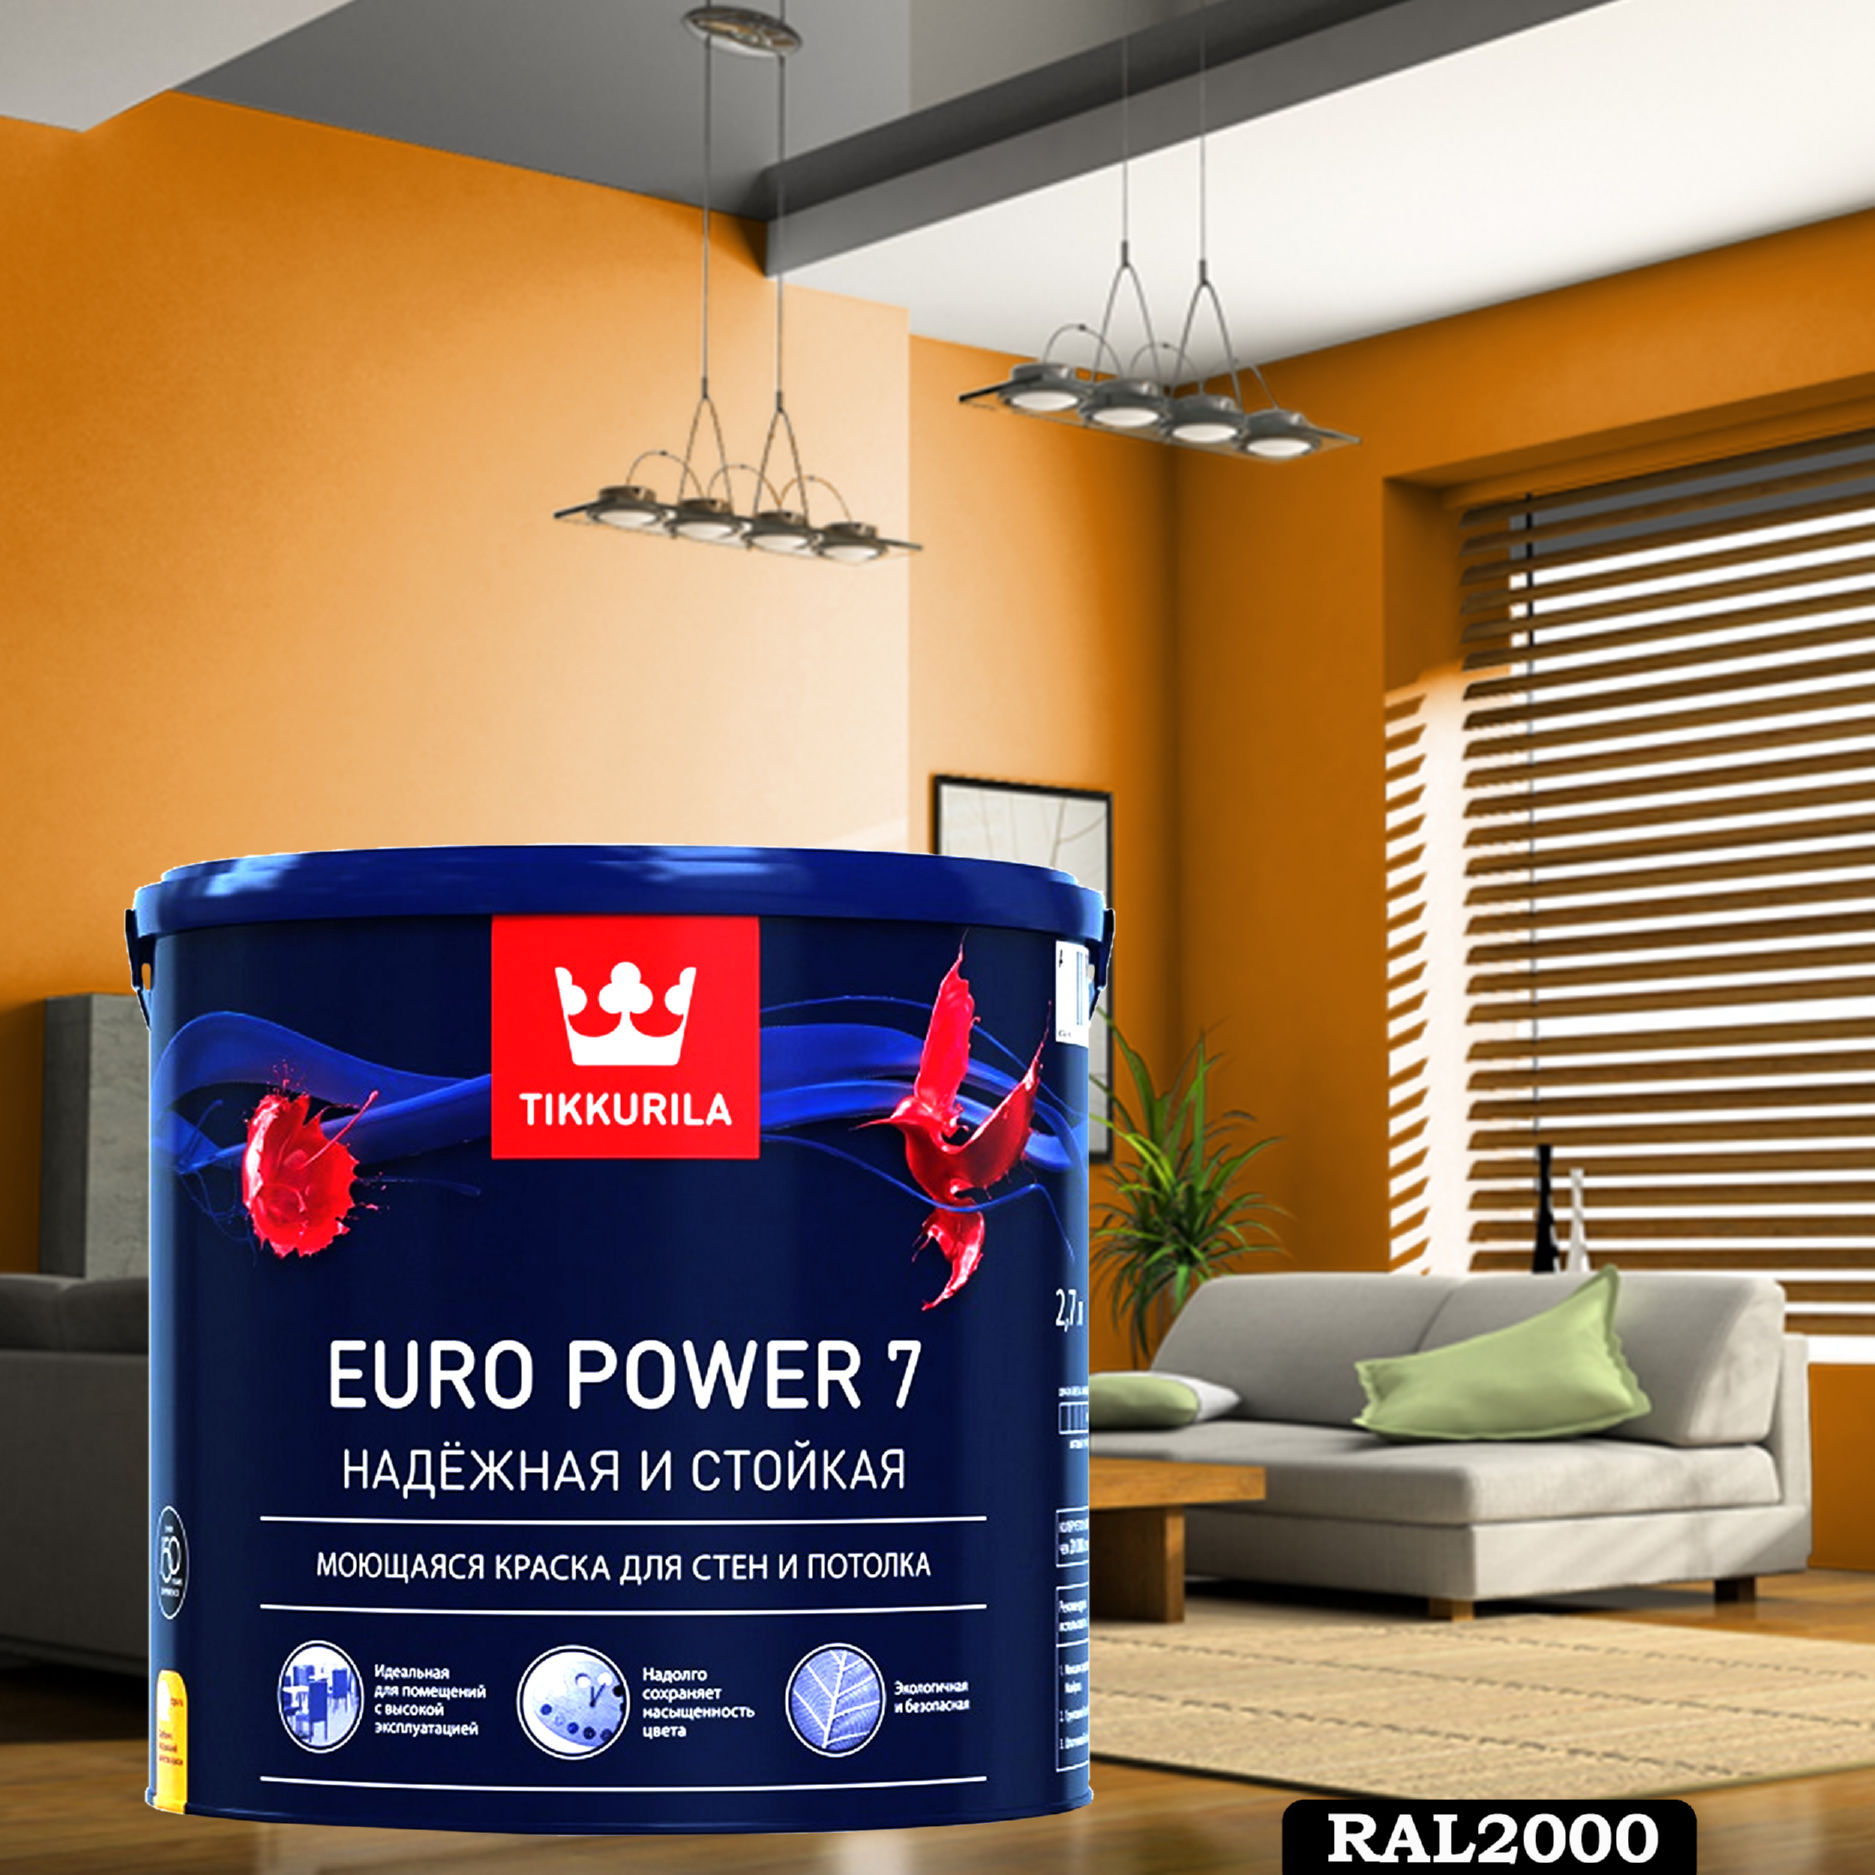 Фото 1 - Краска TIKKURILA Euro Power 7,  RAL 2000 Жёлто-оранжевый, латексная моющаяся матовая интерьерная, 9 л.